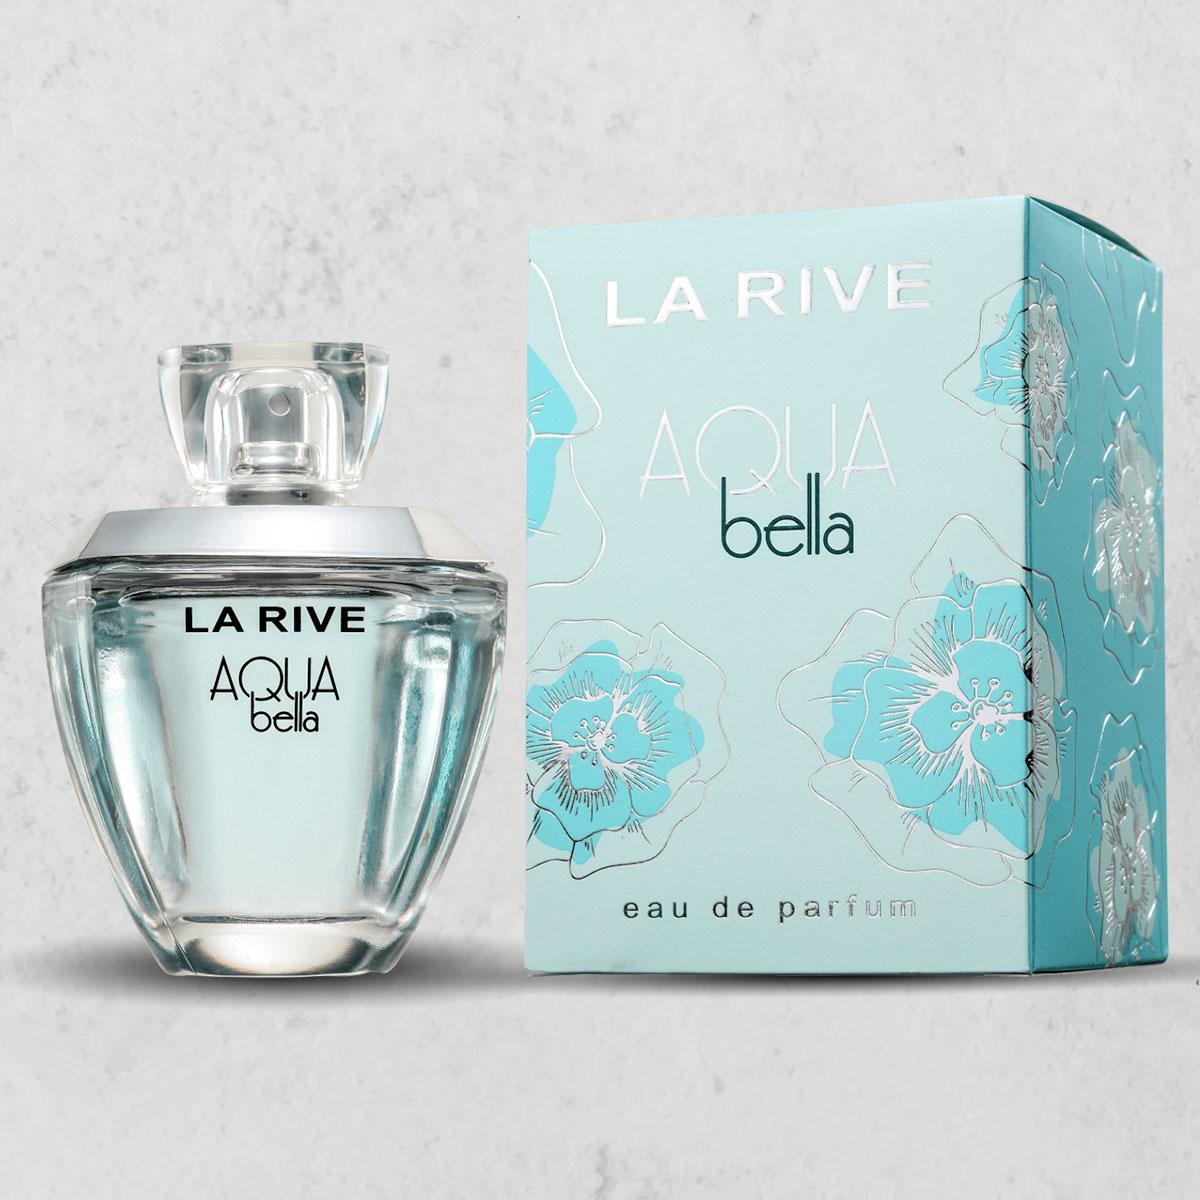 Perfume Aqua Bella Edp Feminino 100ml La Rive